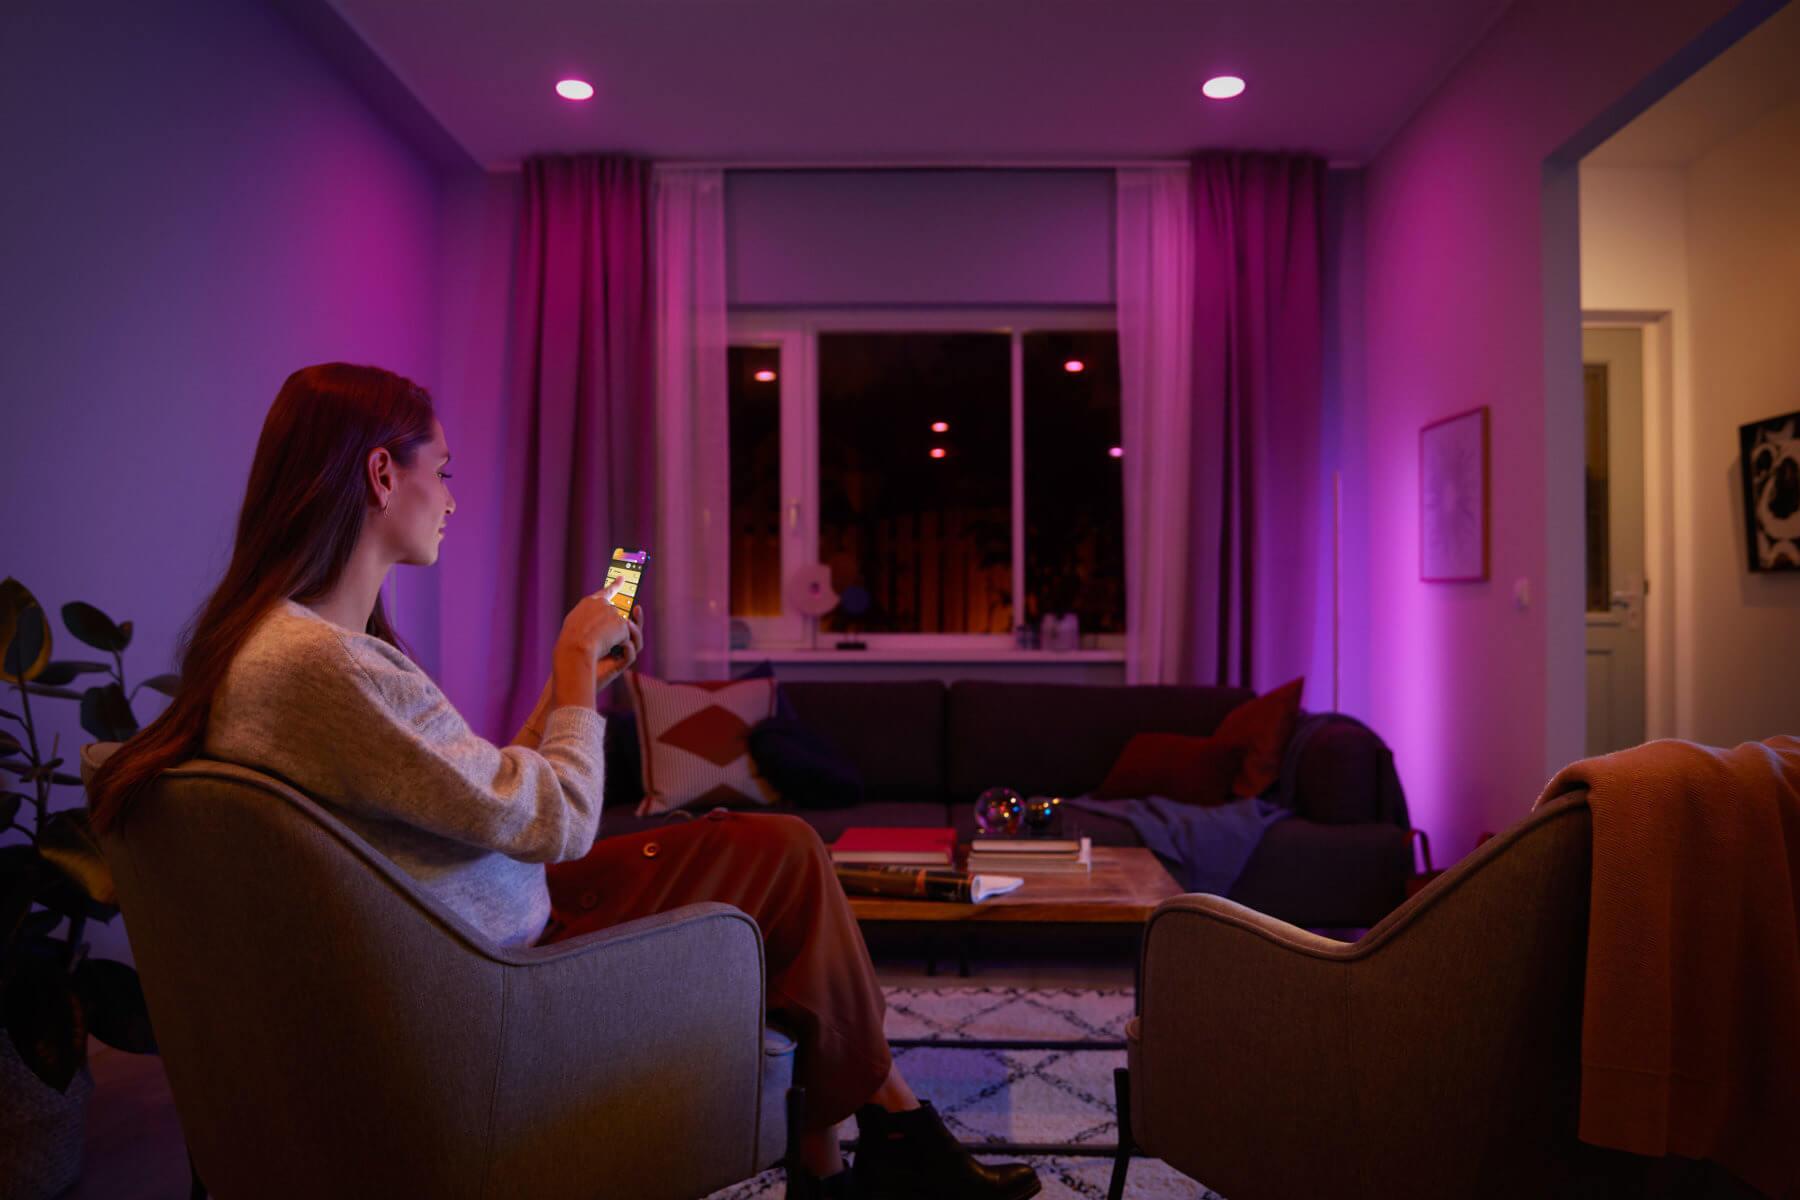 Philips Hue Beliebte Smart Lights Nun Mit Bluetooth Zum Gleichen Preis Winfuture De